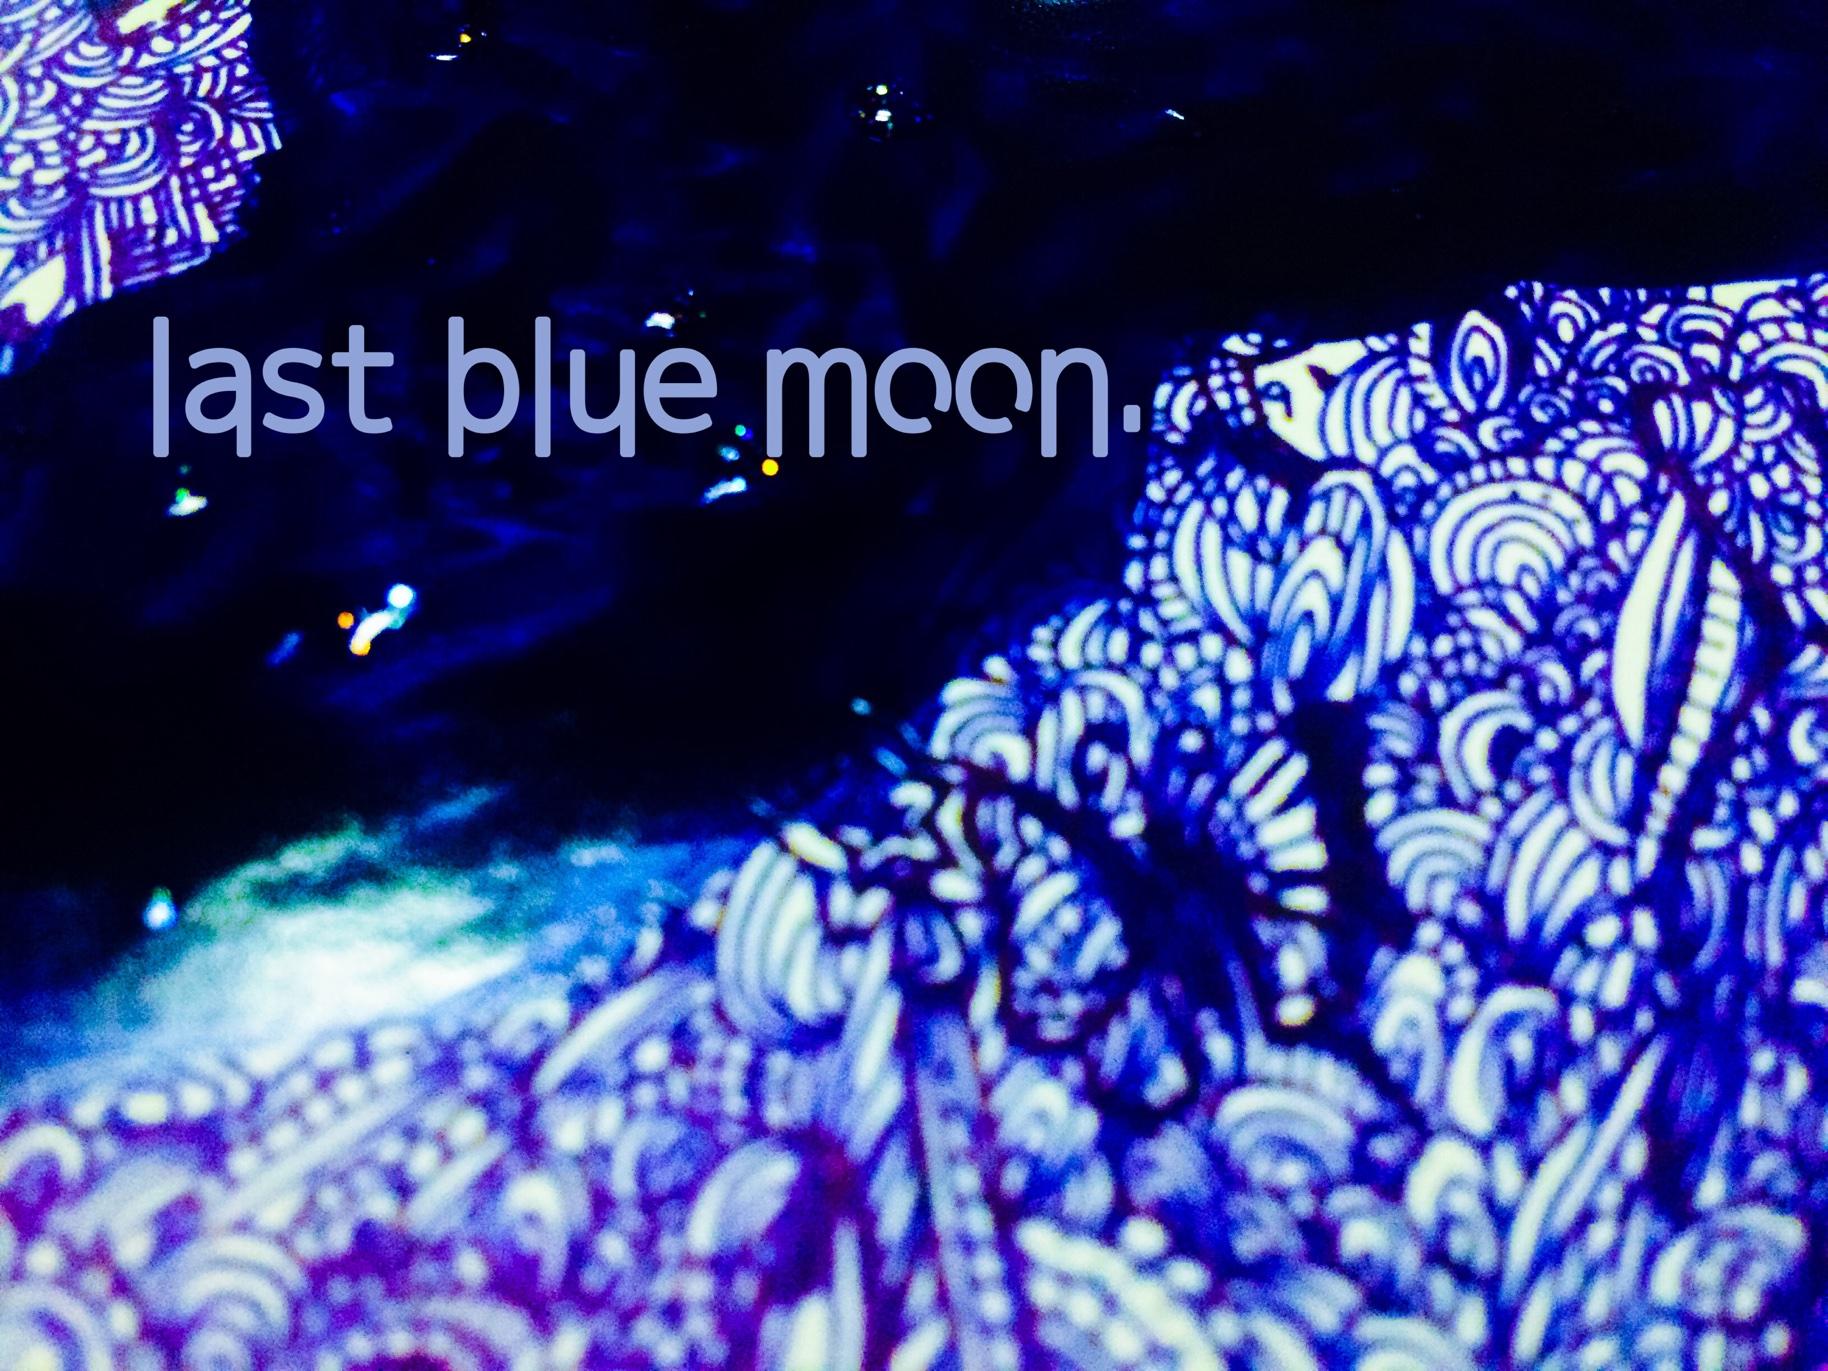 last blue moon.